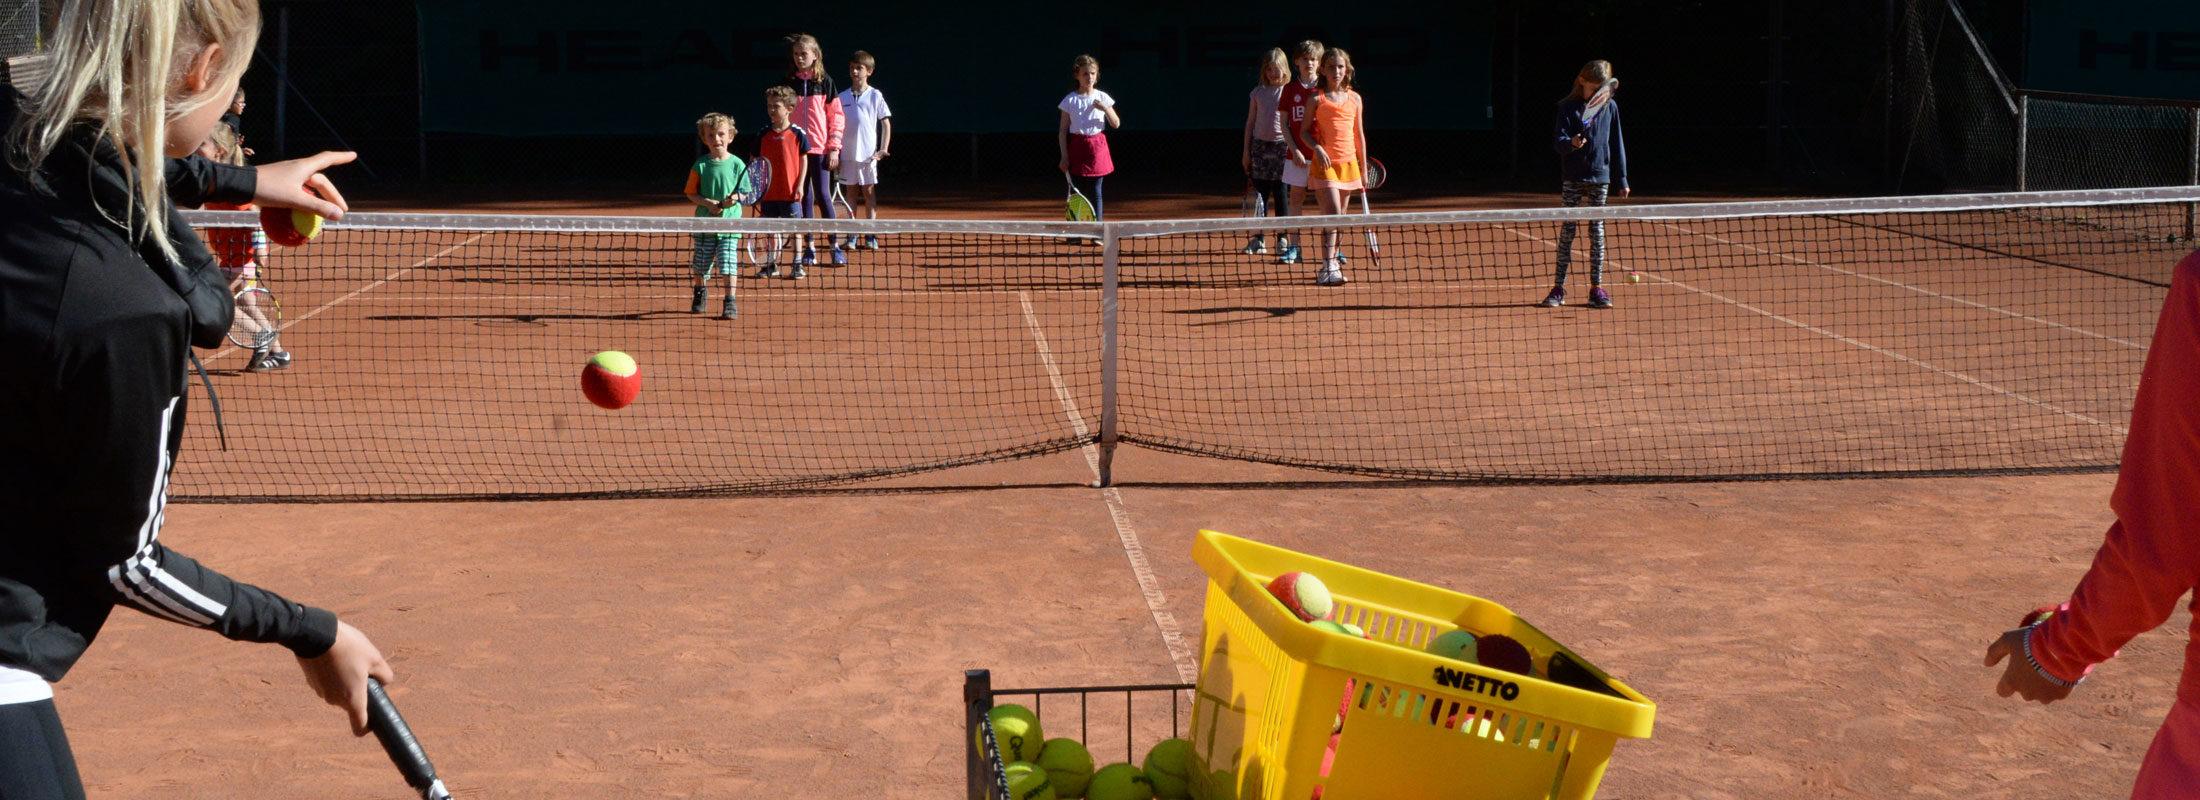 Træning for børn og unge